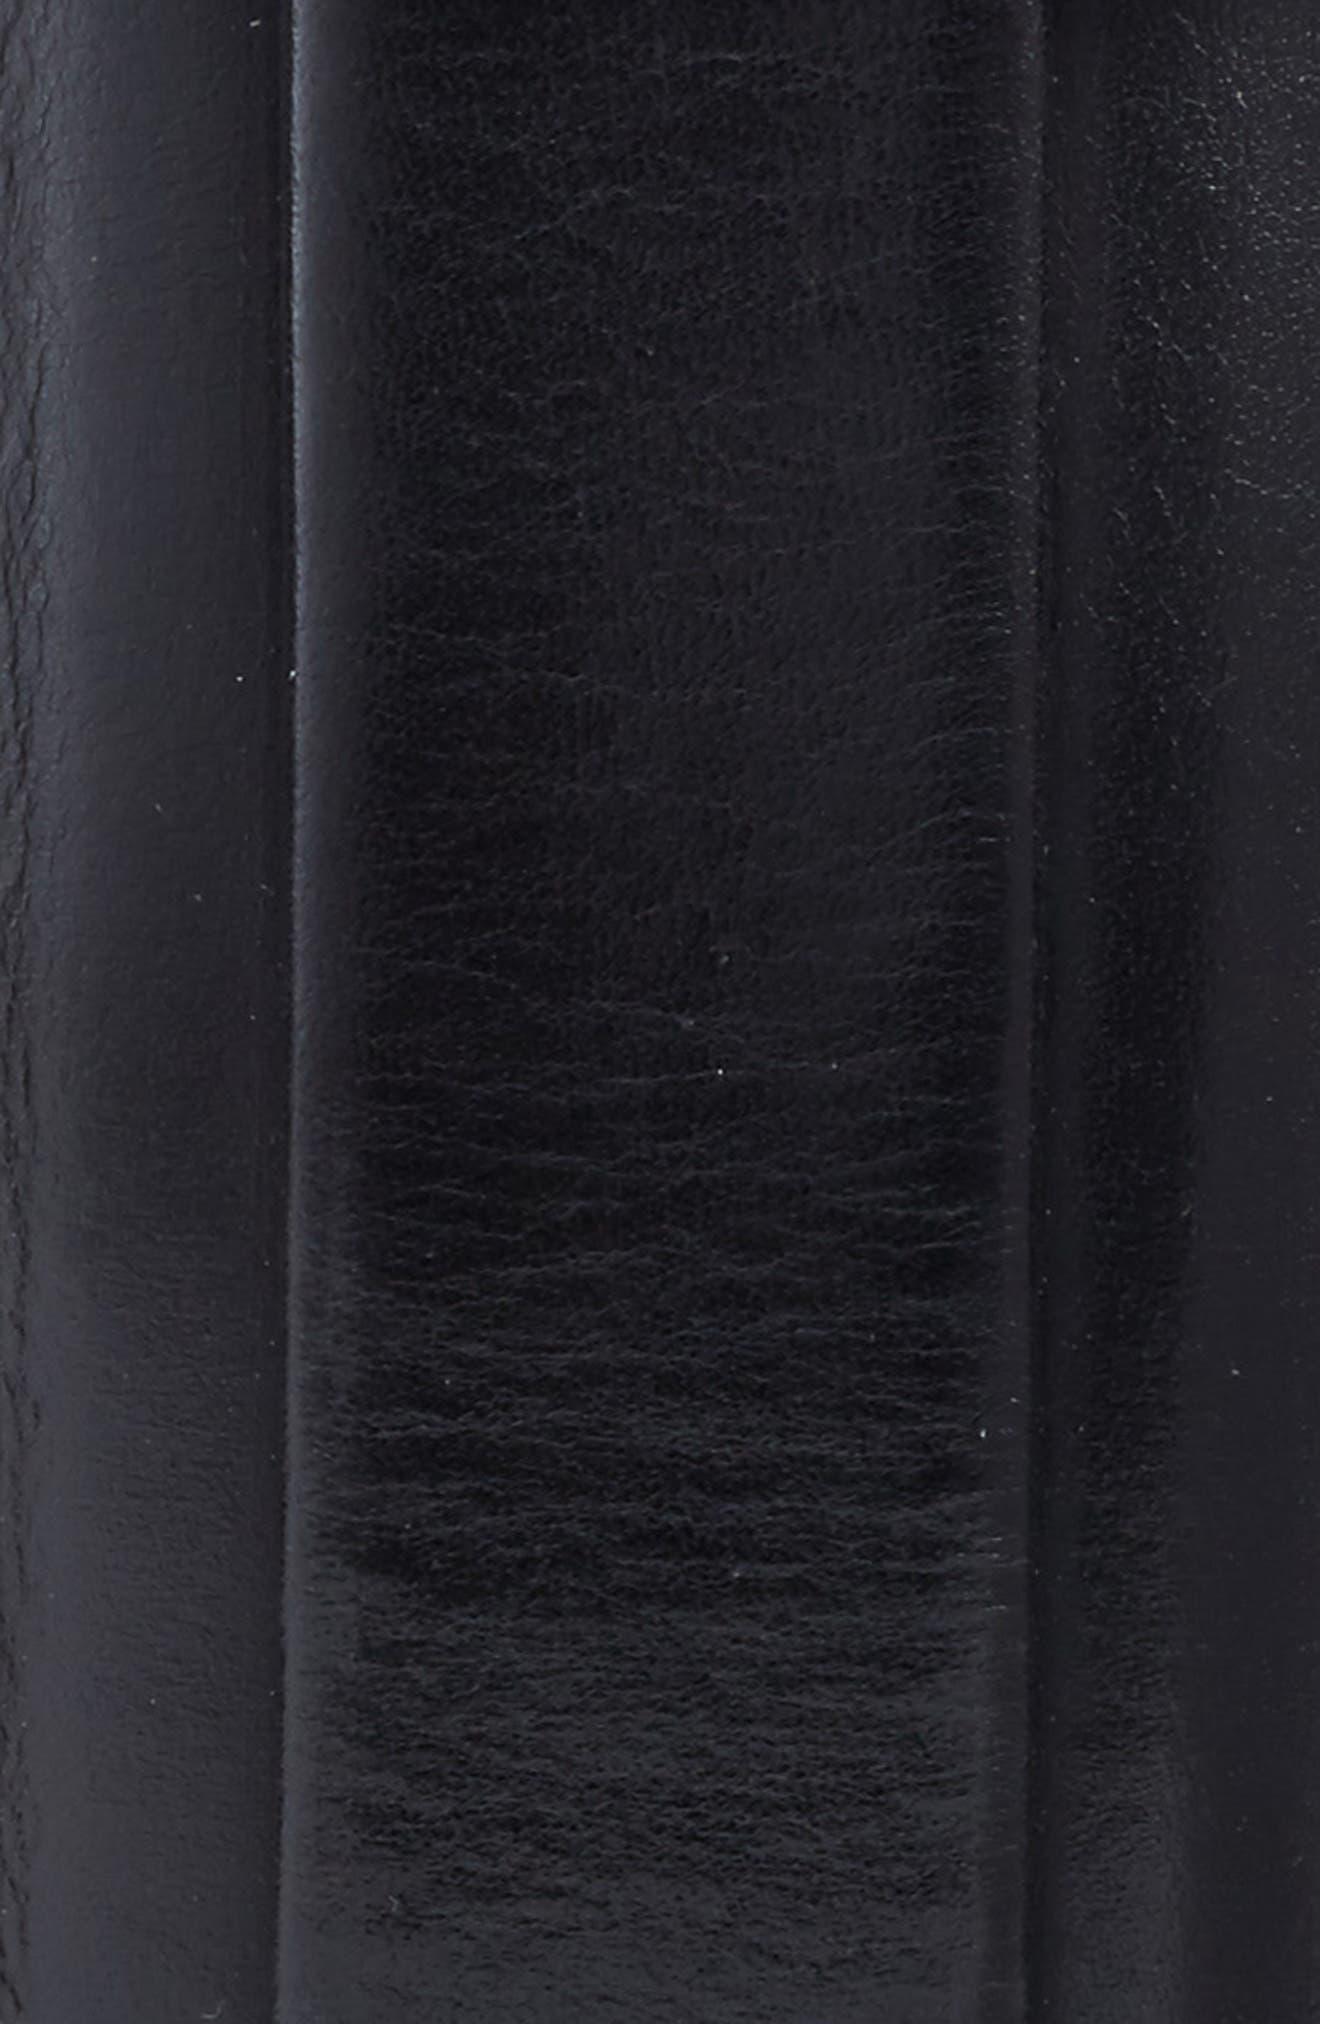 Parma Leather Belt,                             Alternate thumbnail 2, color,                             001